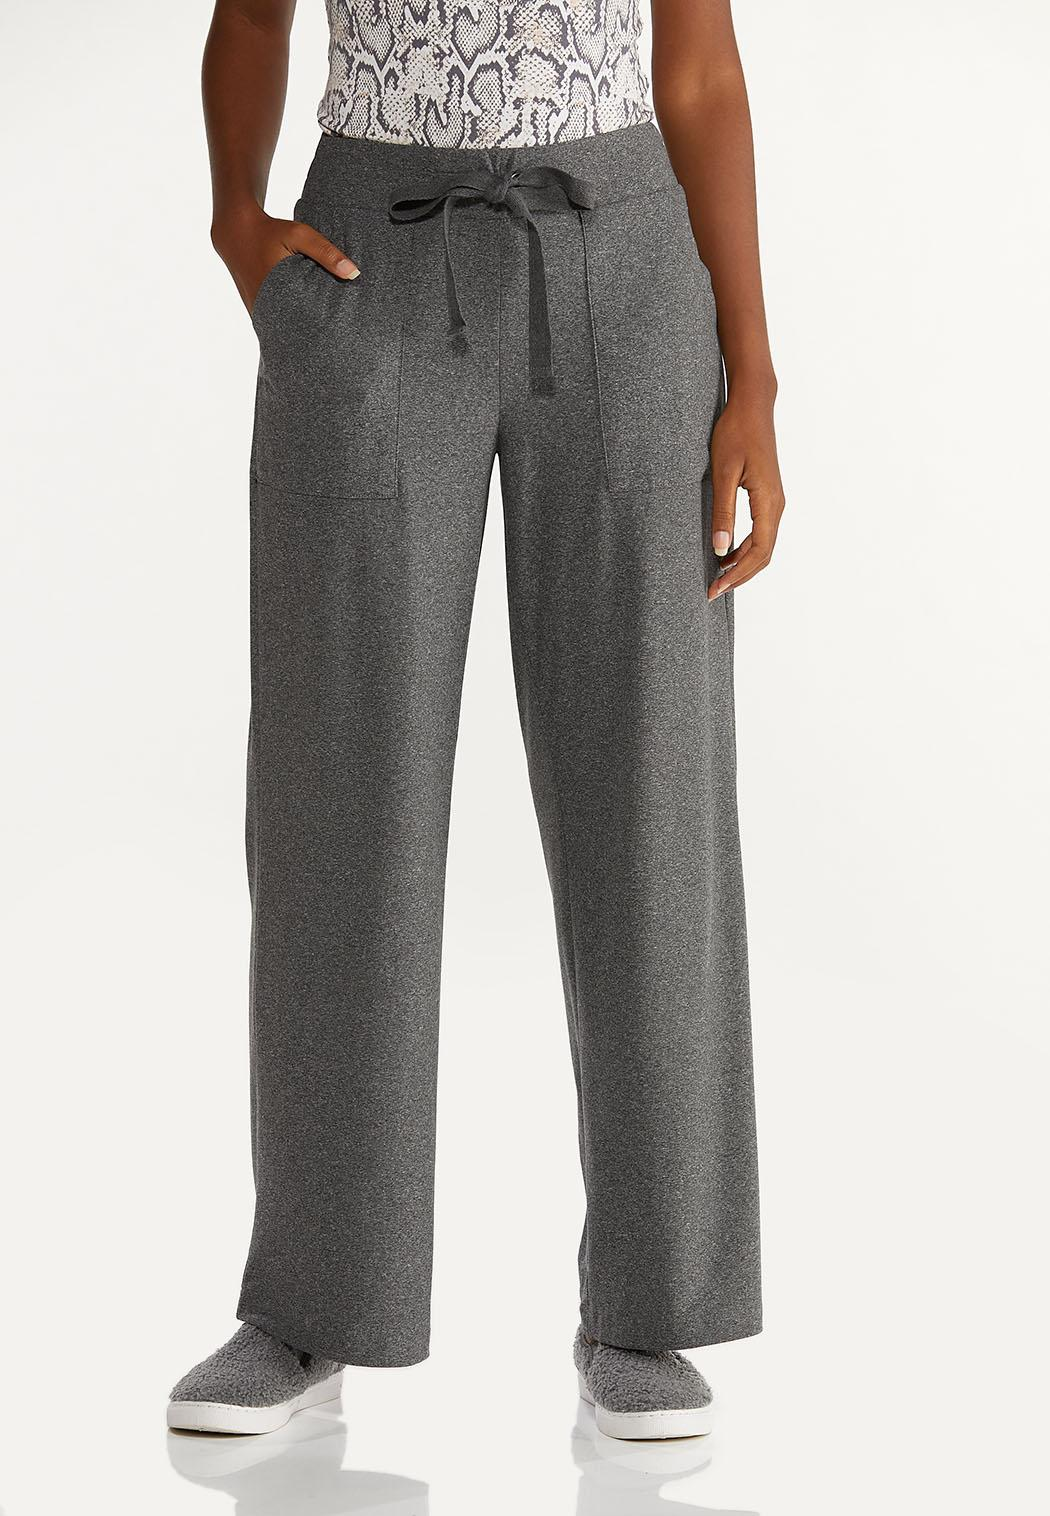 Gray Drawstring Pants